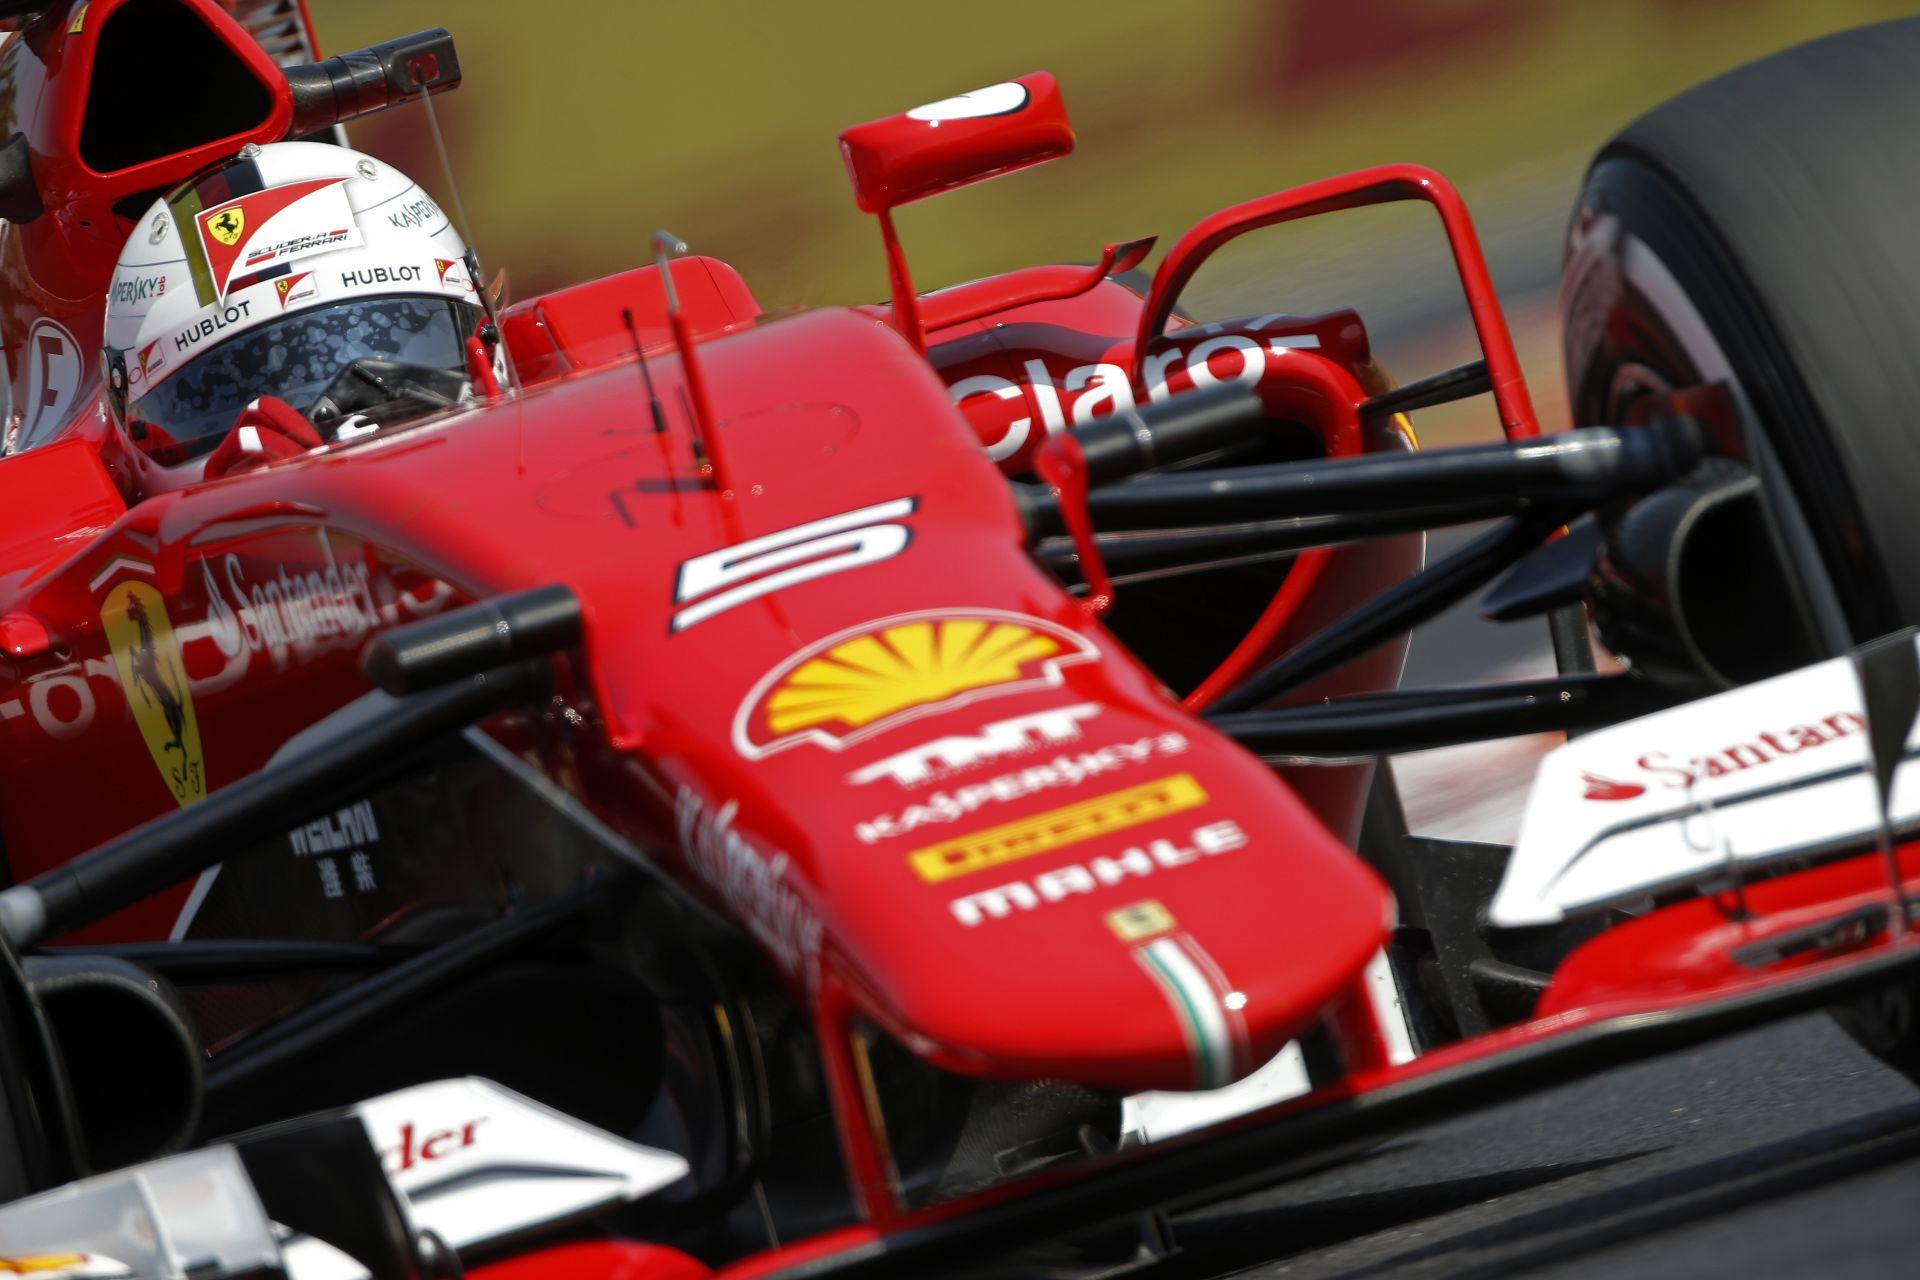 Vettel holnap megvédené a harmadik helyet, de még jobb lenne előrébb végezni